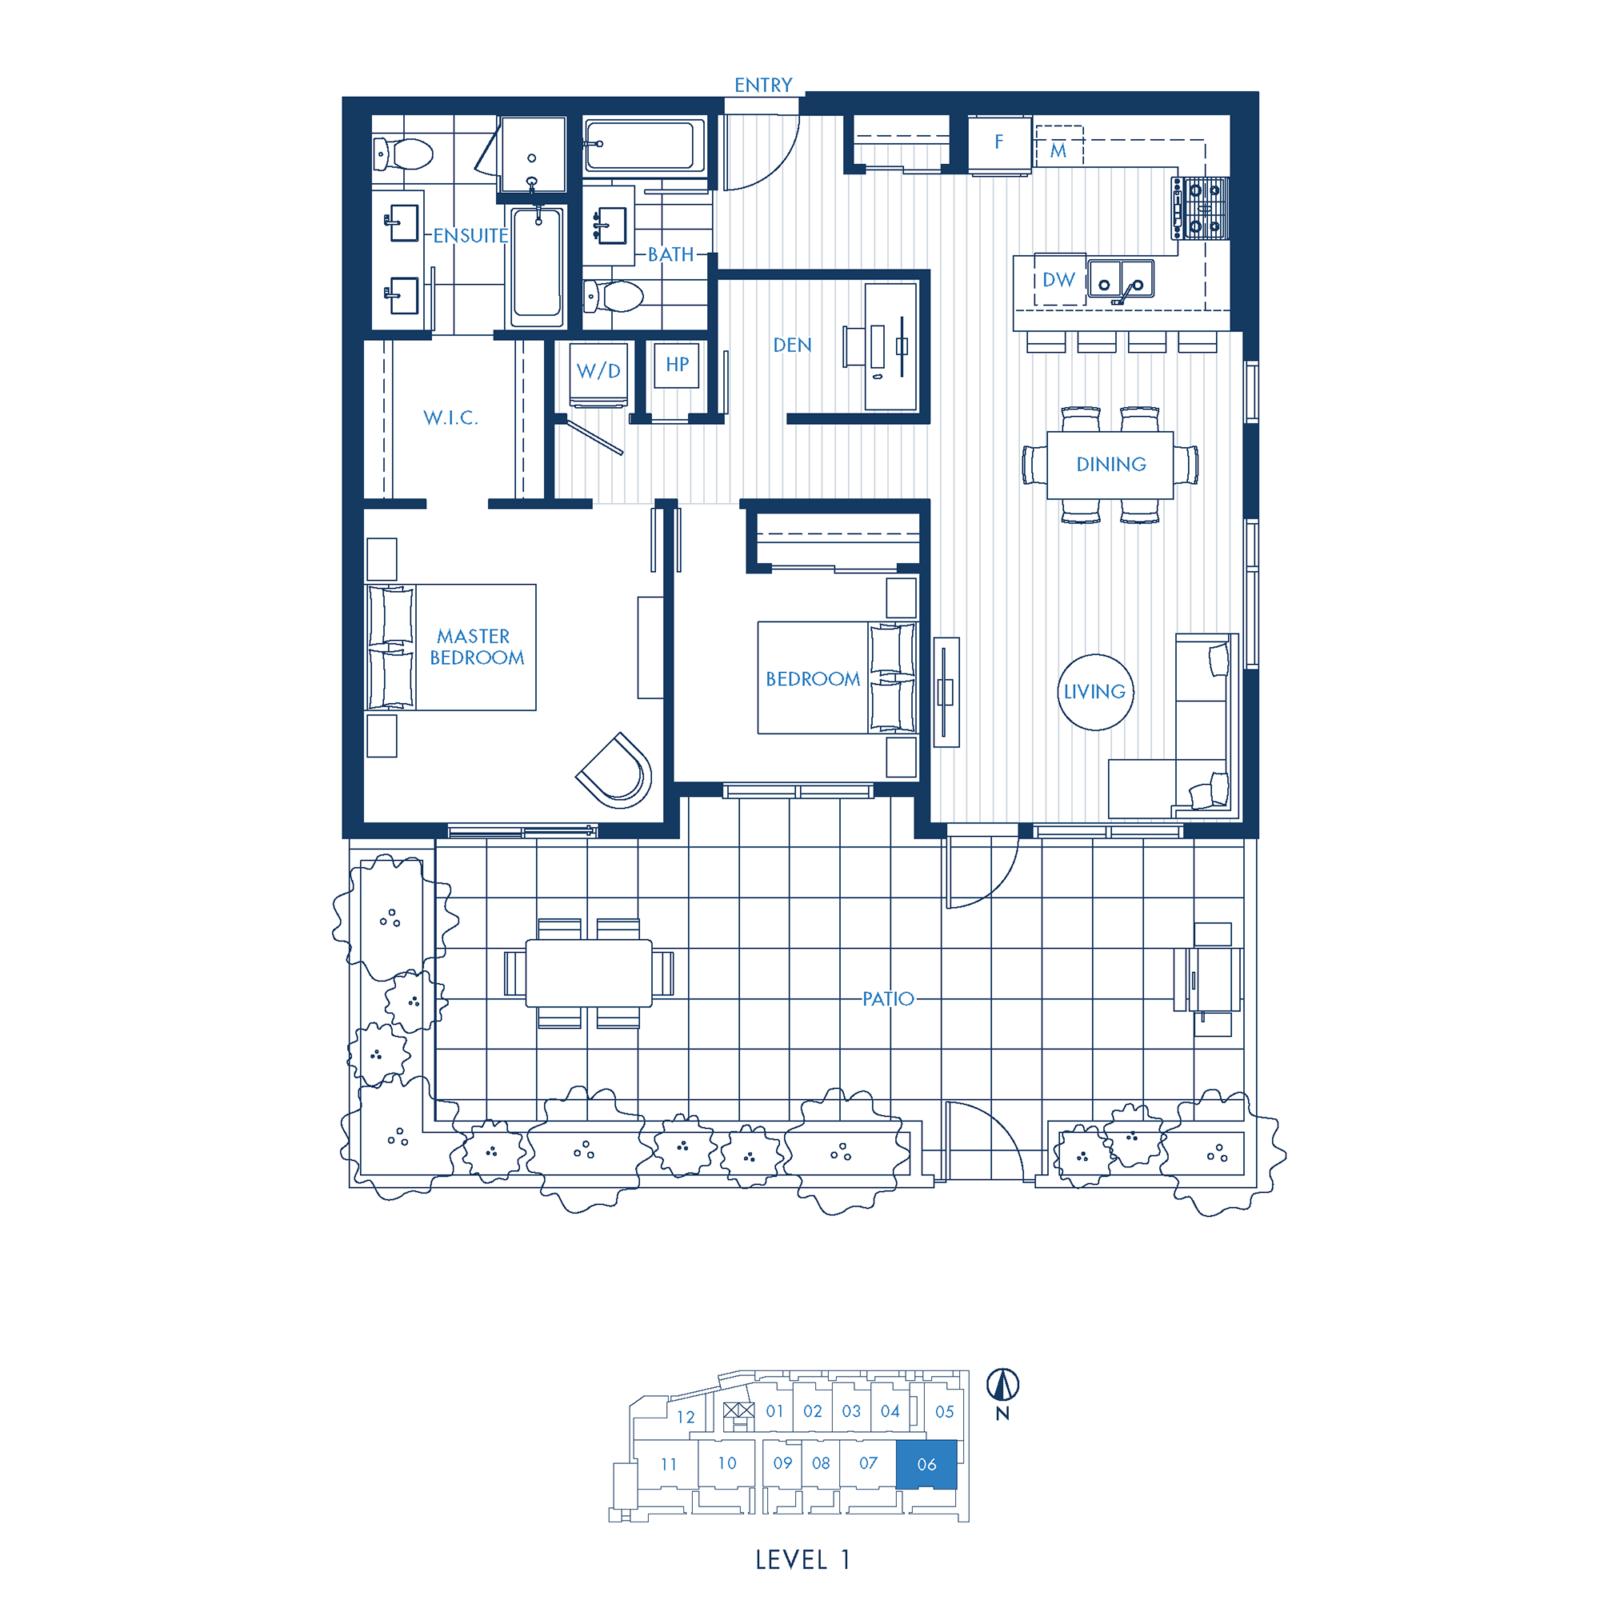 North Building Plan C